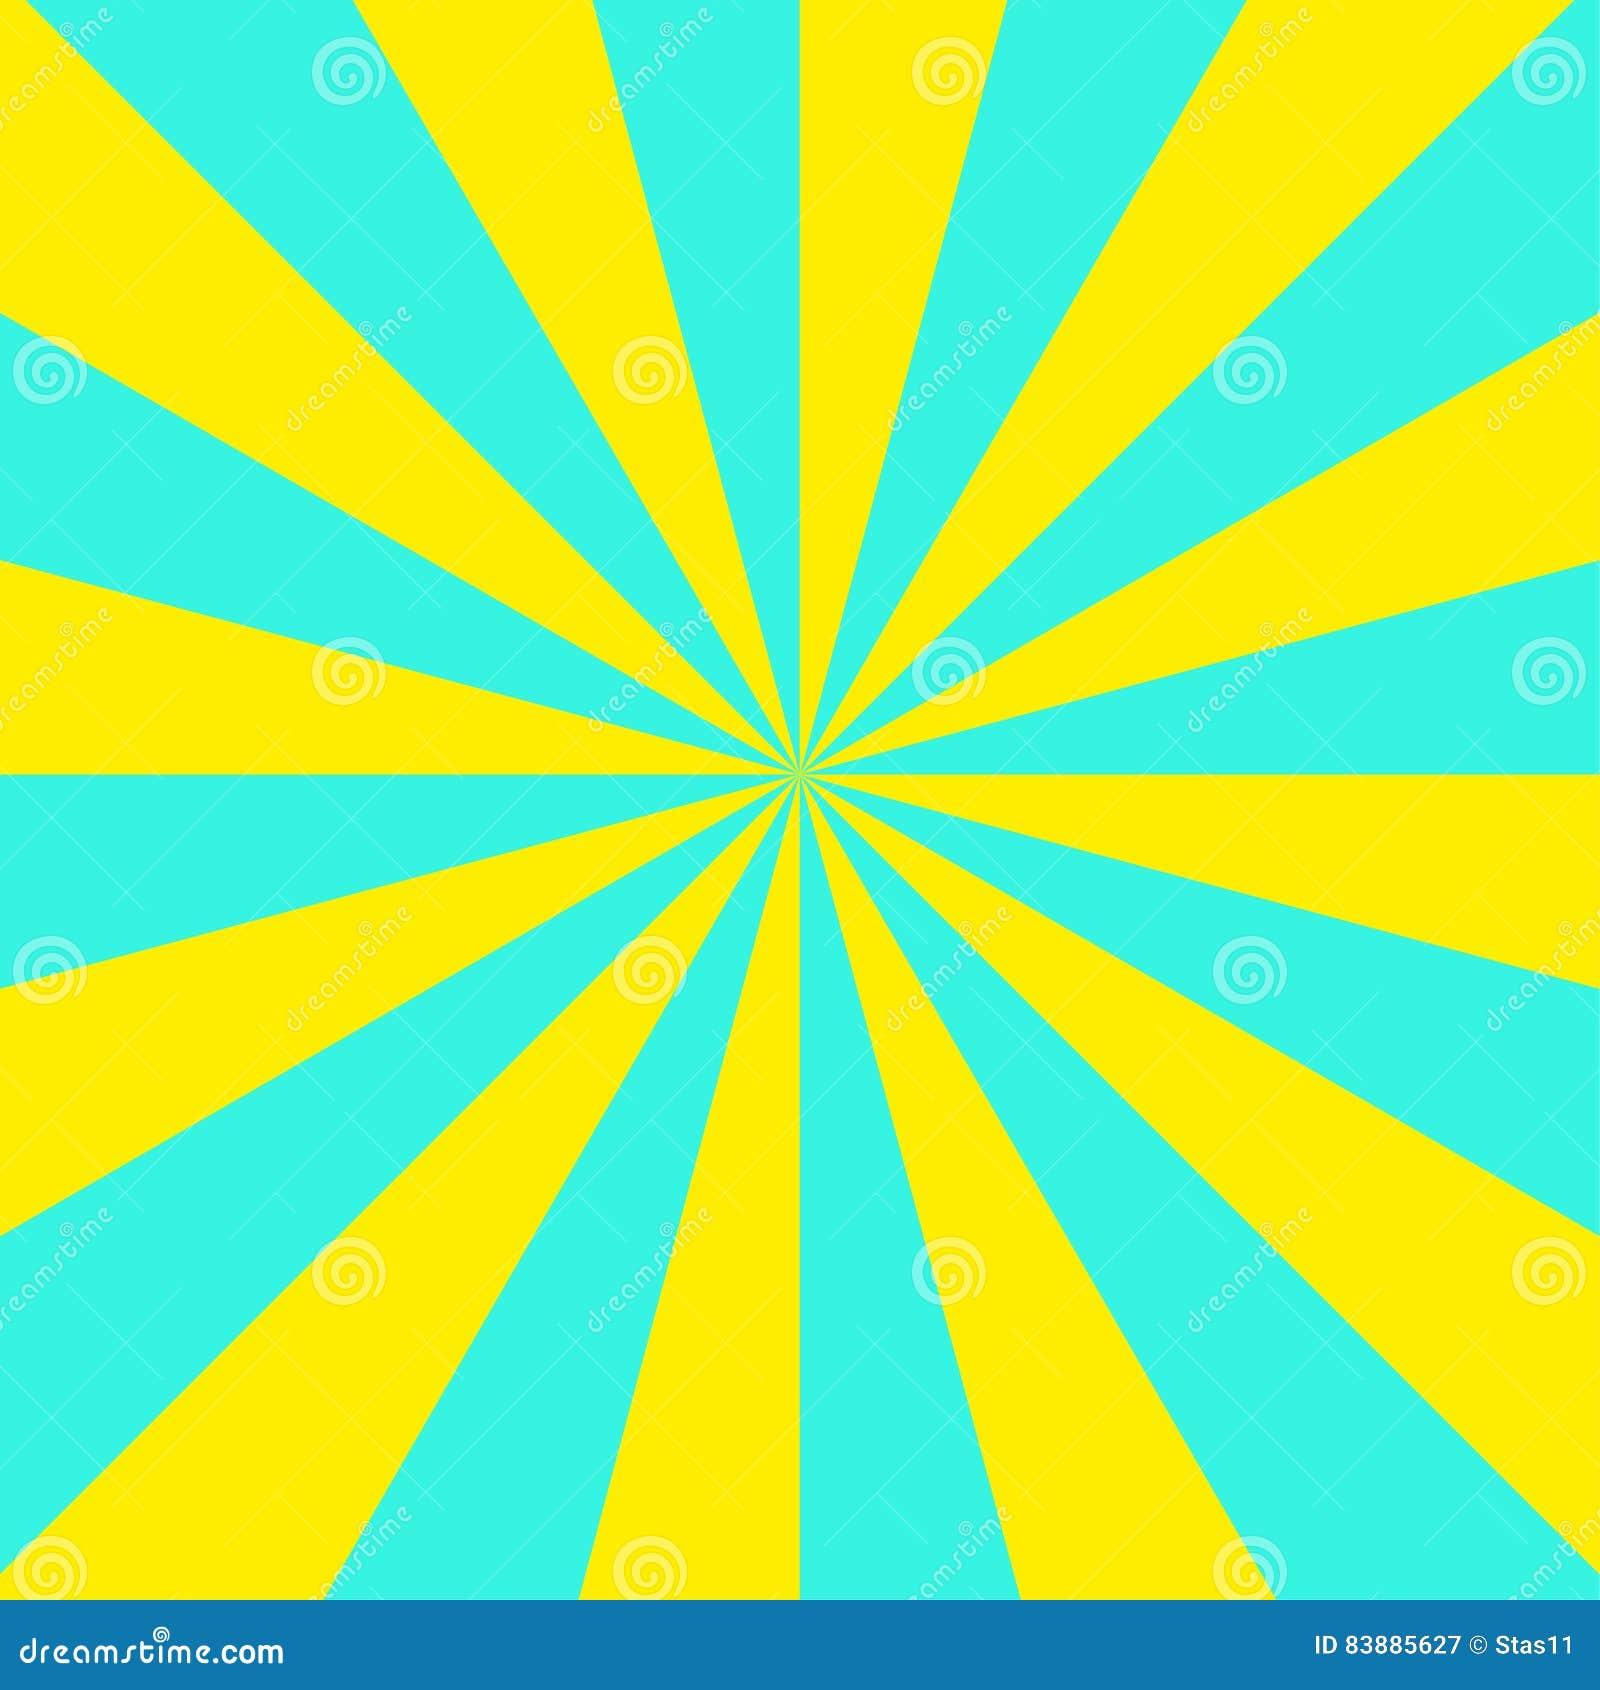 Fondo Geometrico Astratto Con I Triangoli Gialli E Blu